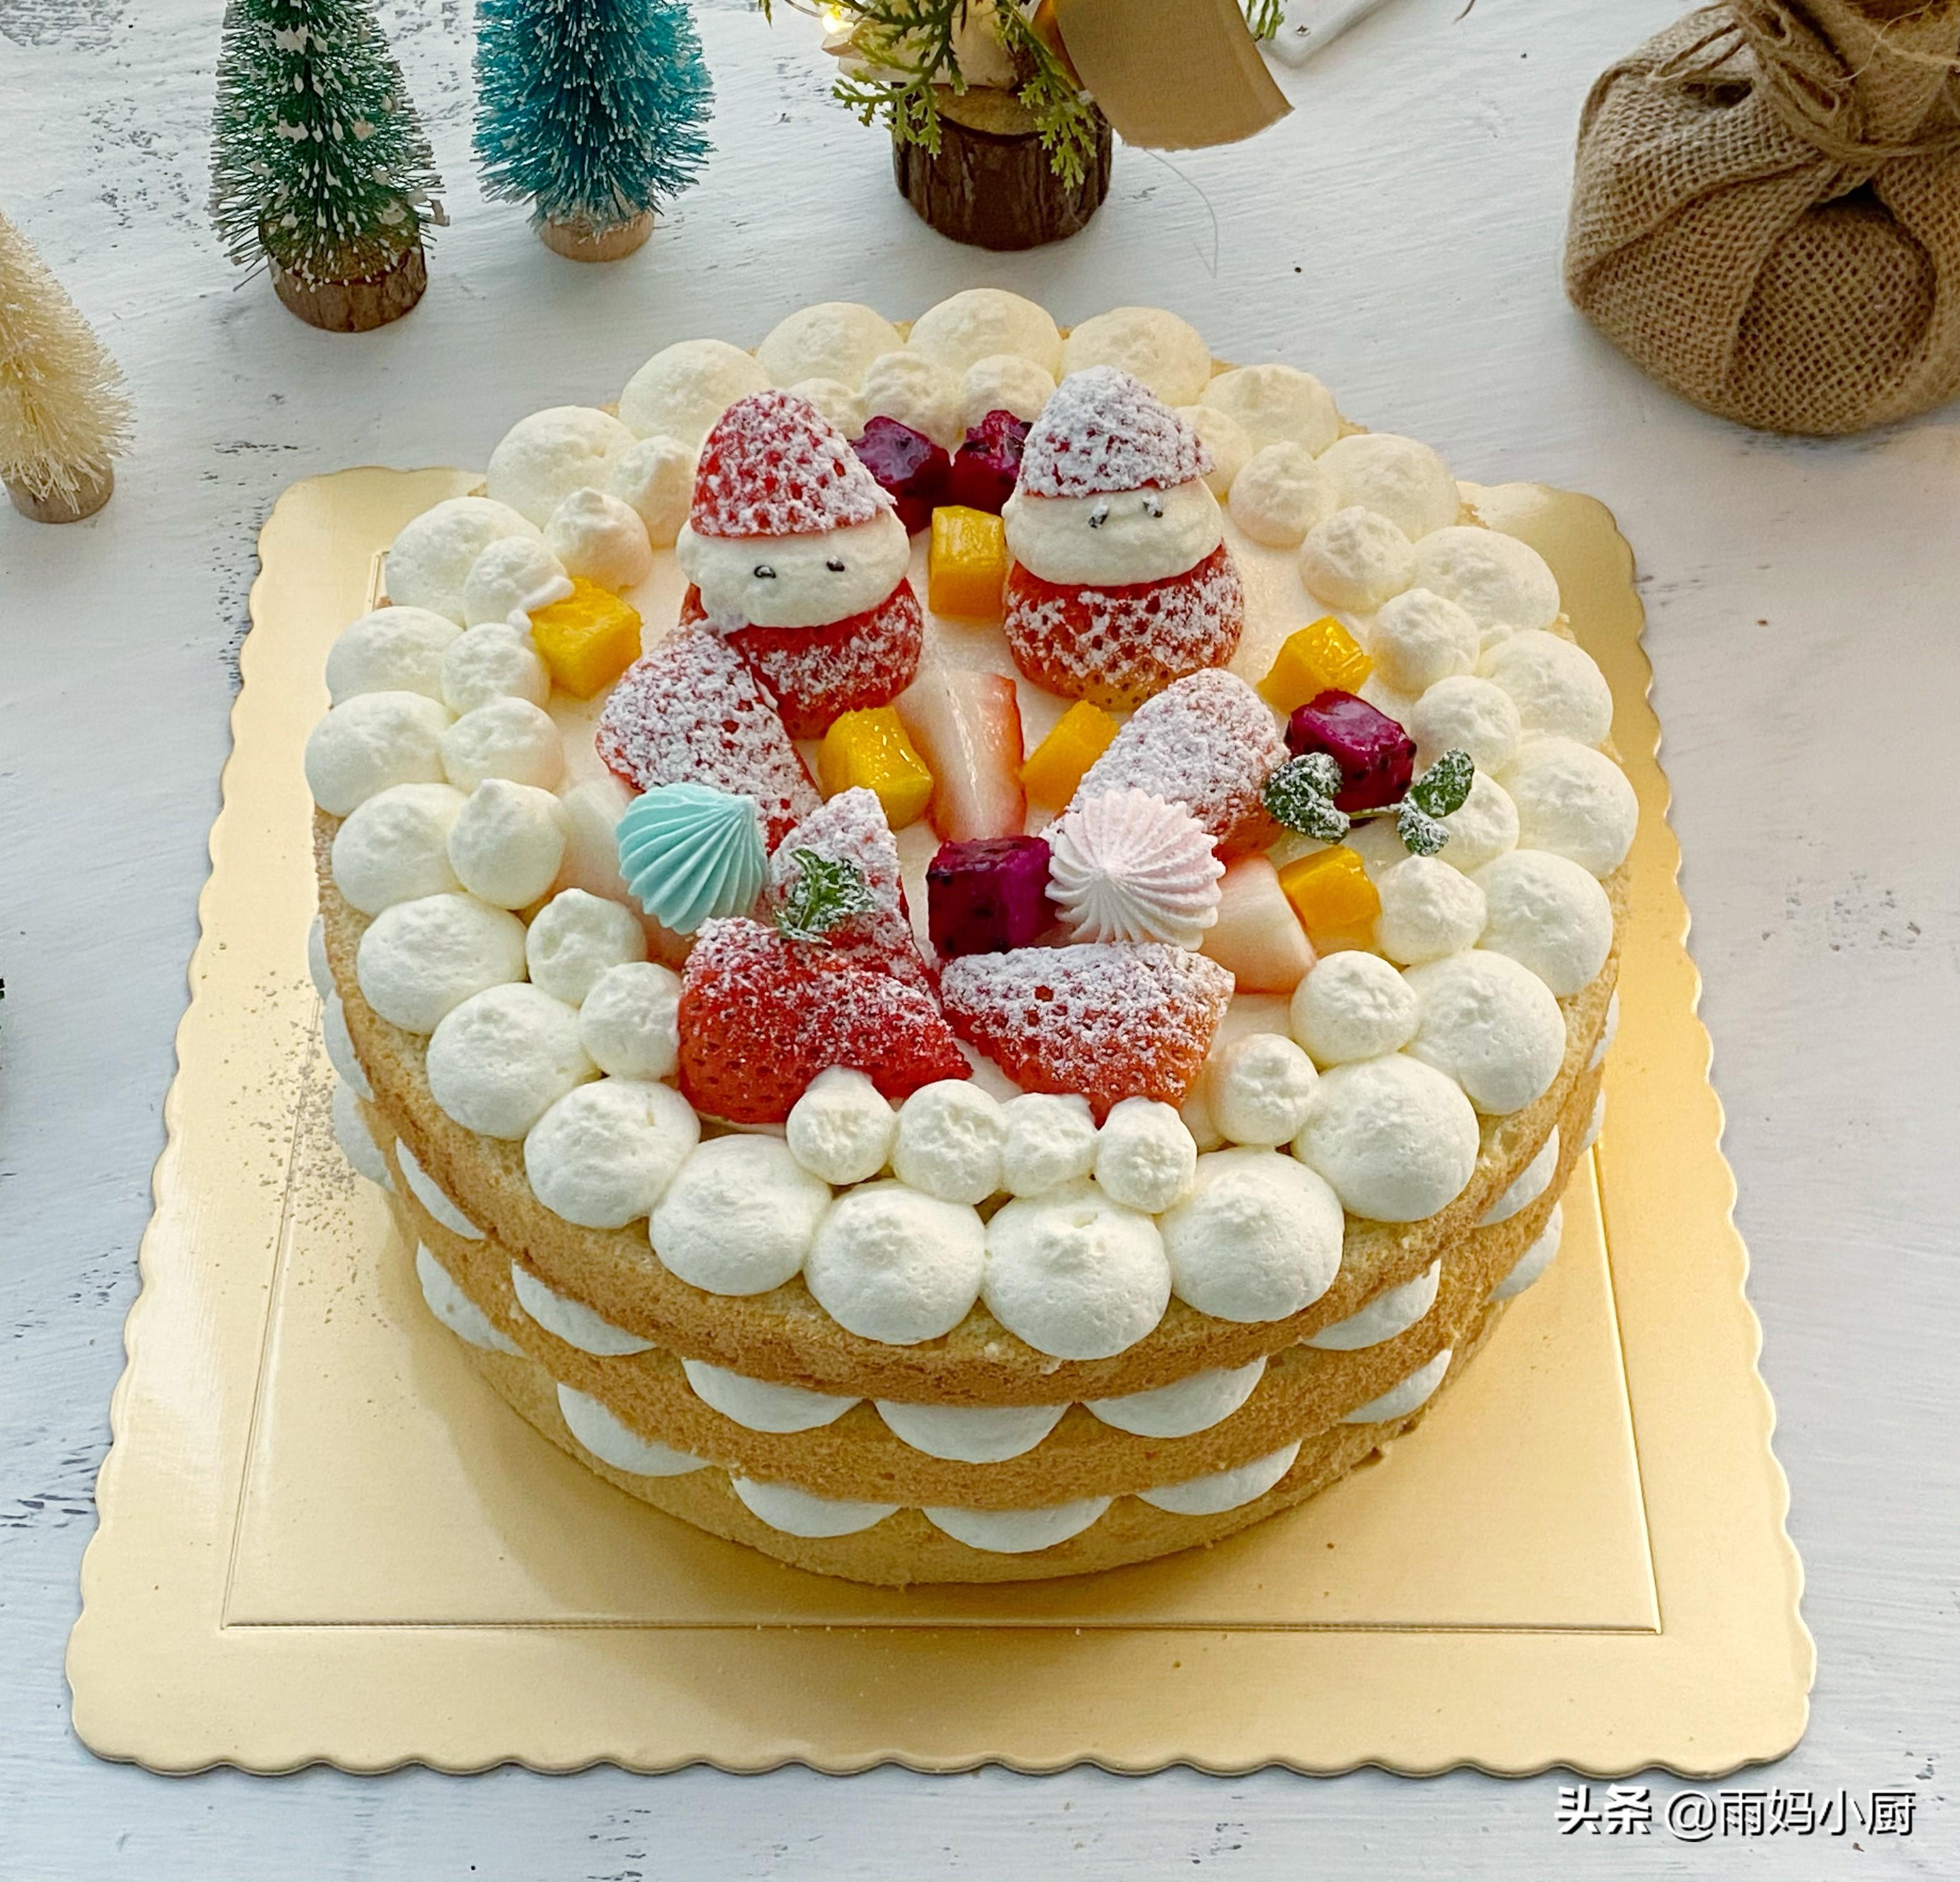 手把手教你高颜值,新年草莓裸蛋糕,无需抹面新手也能做得漂亮